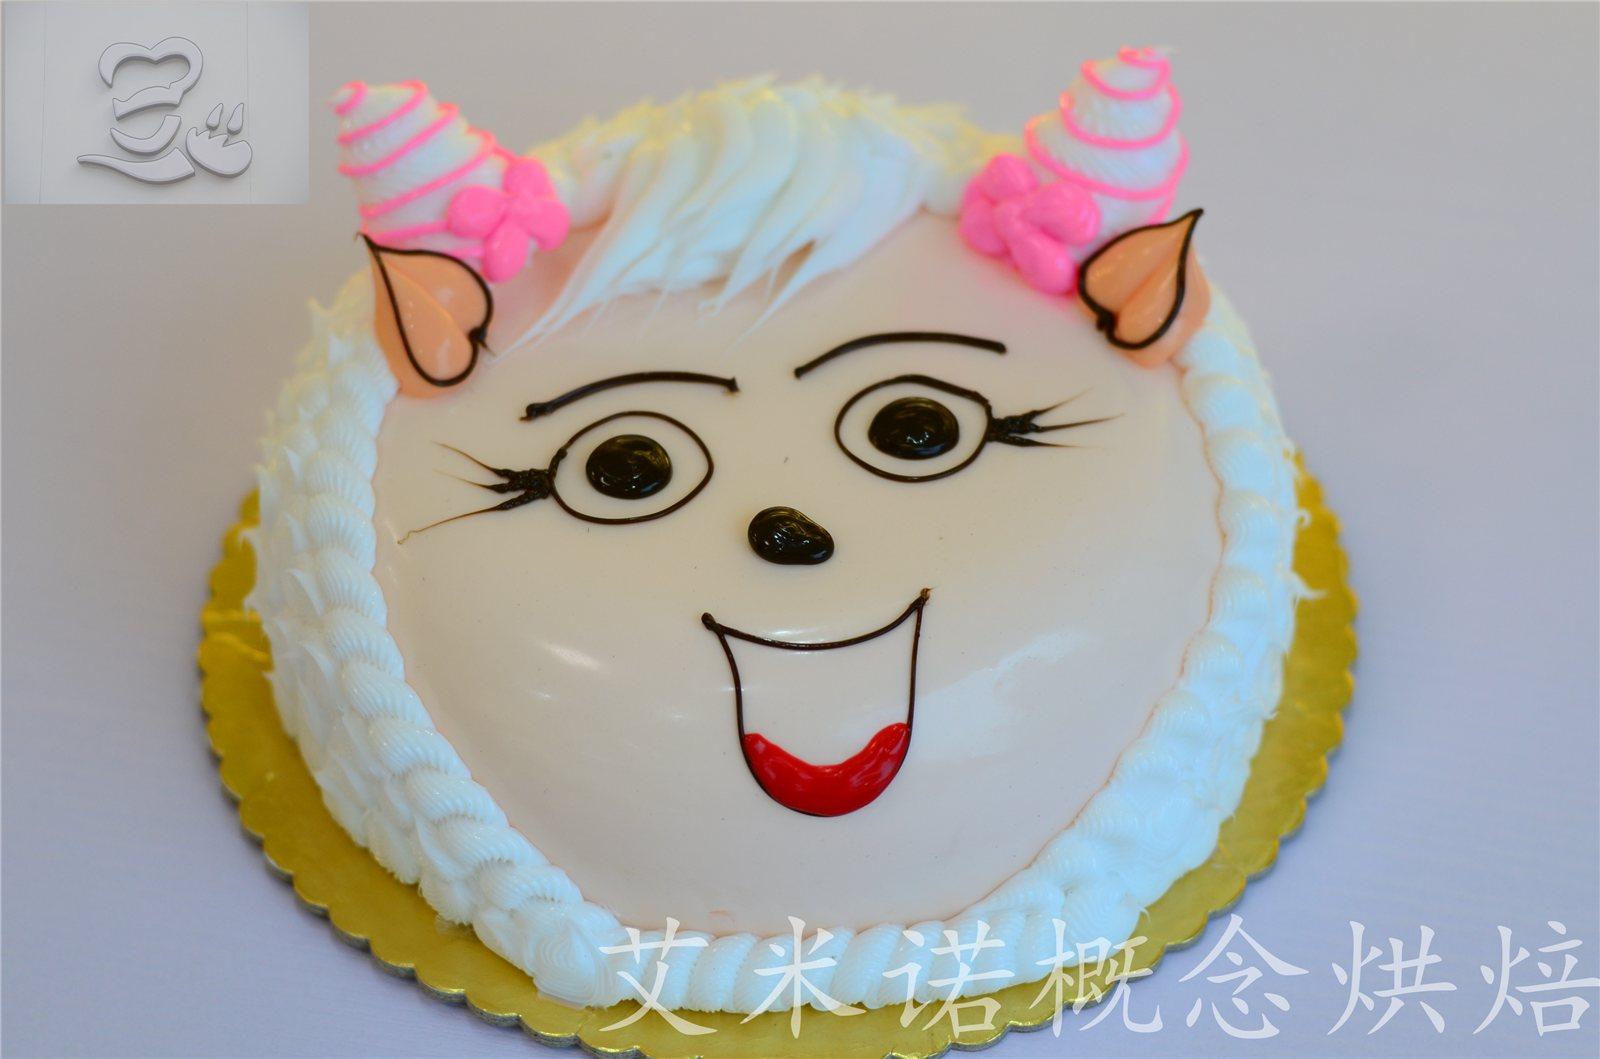 00元 关注度: 商品详情:美羊羊款蛋糕为8英寸水果蛋糕,内有夹心(水果